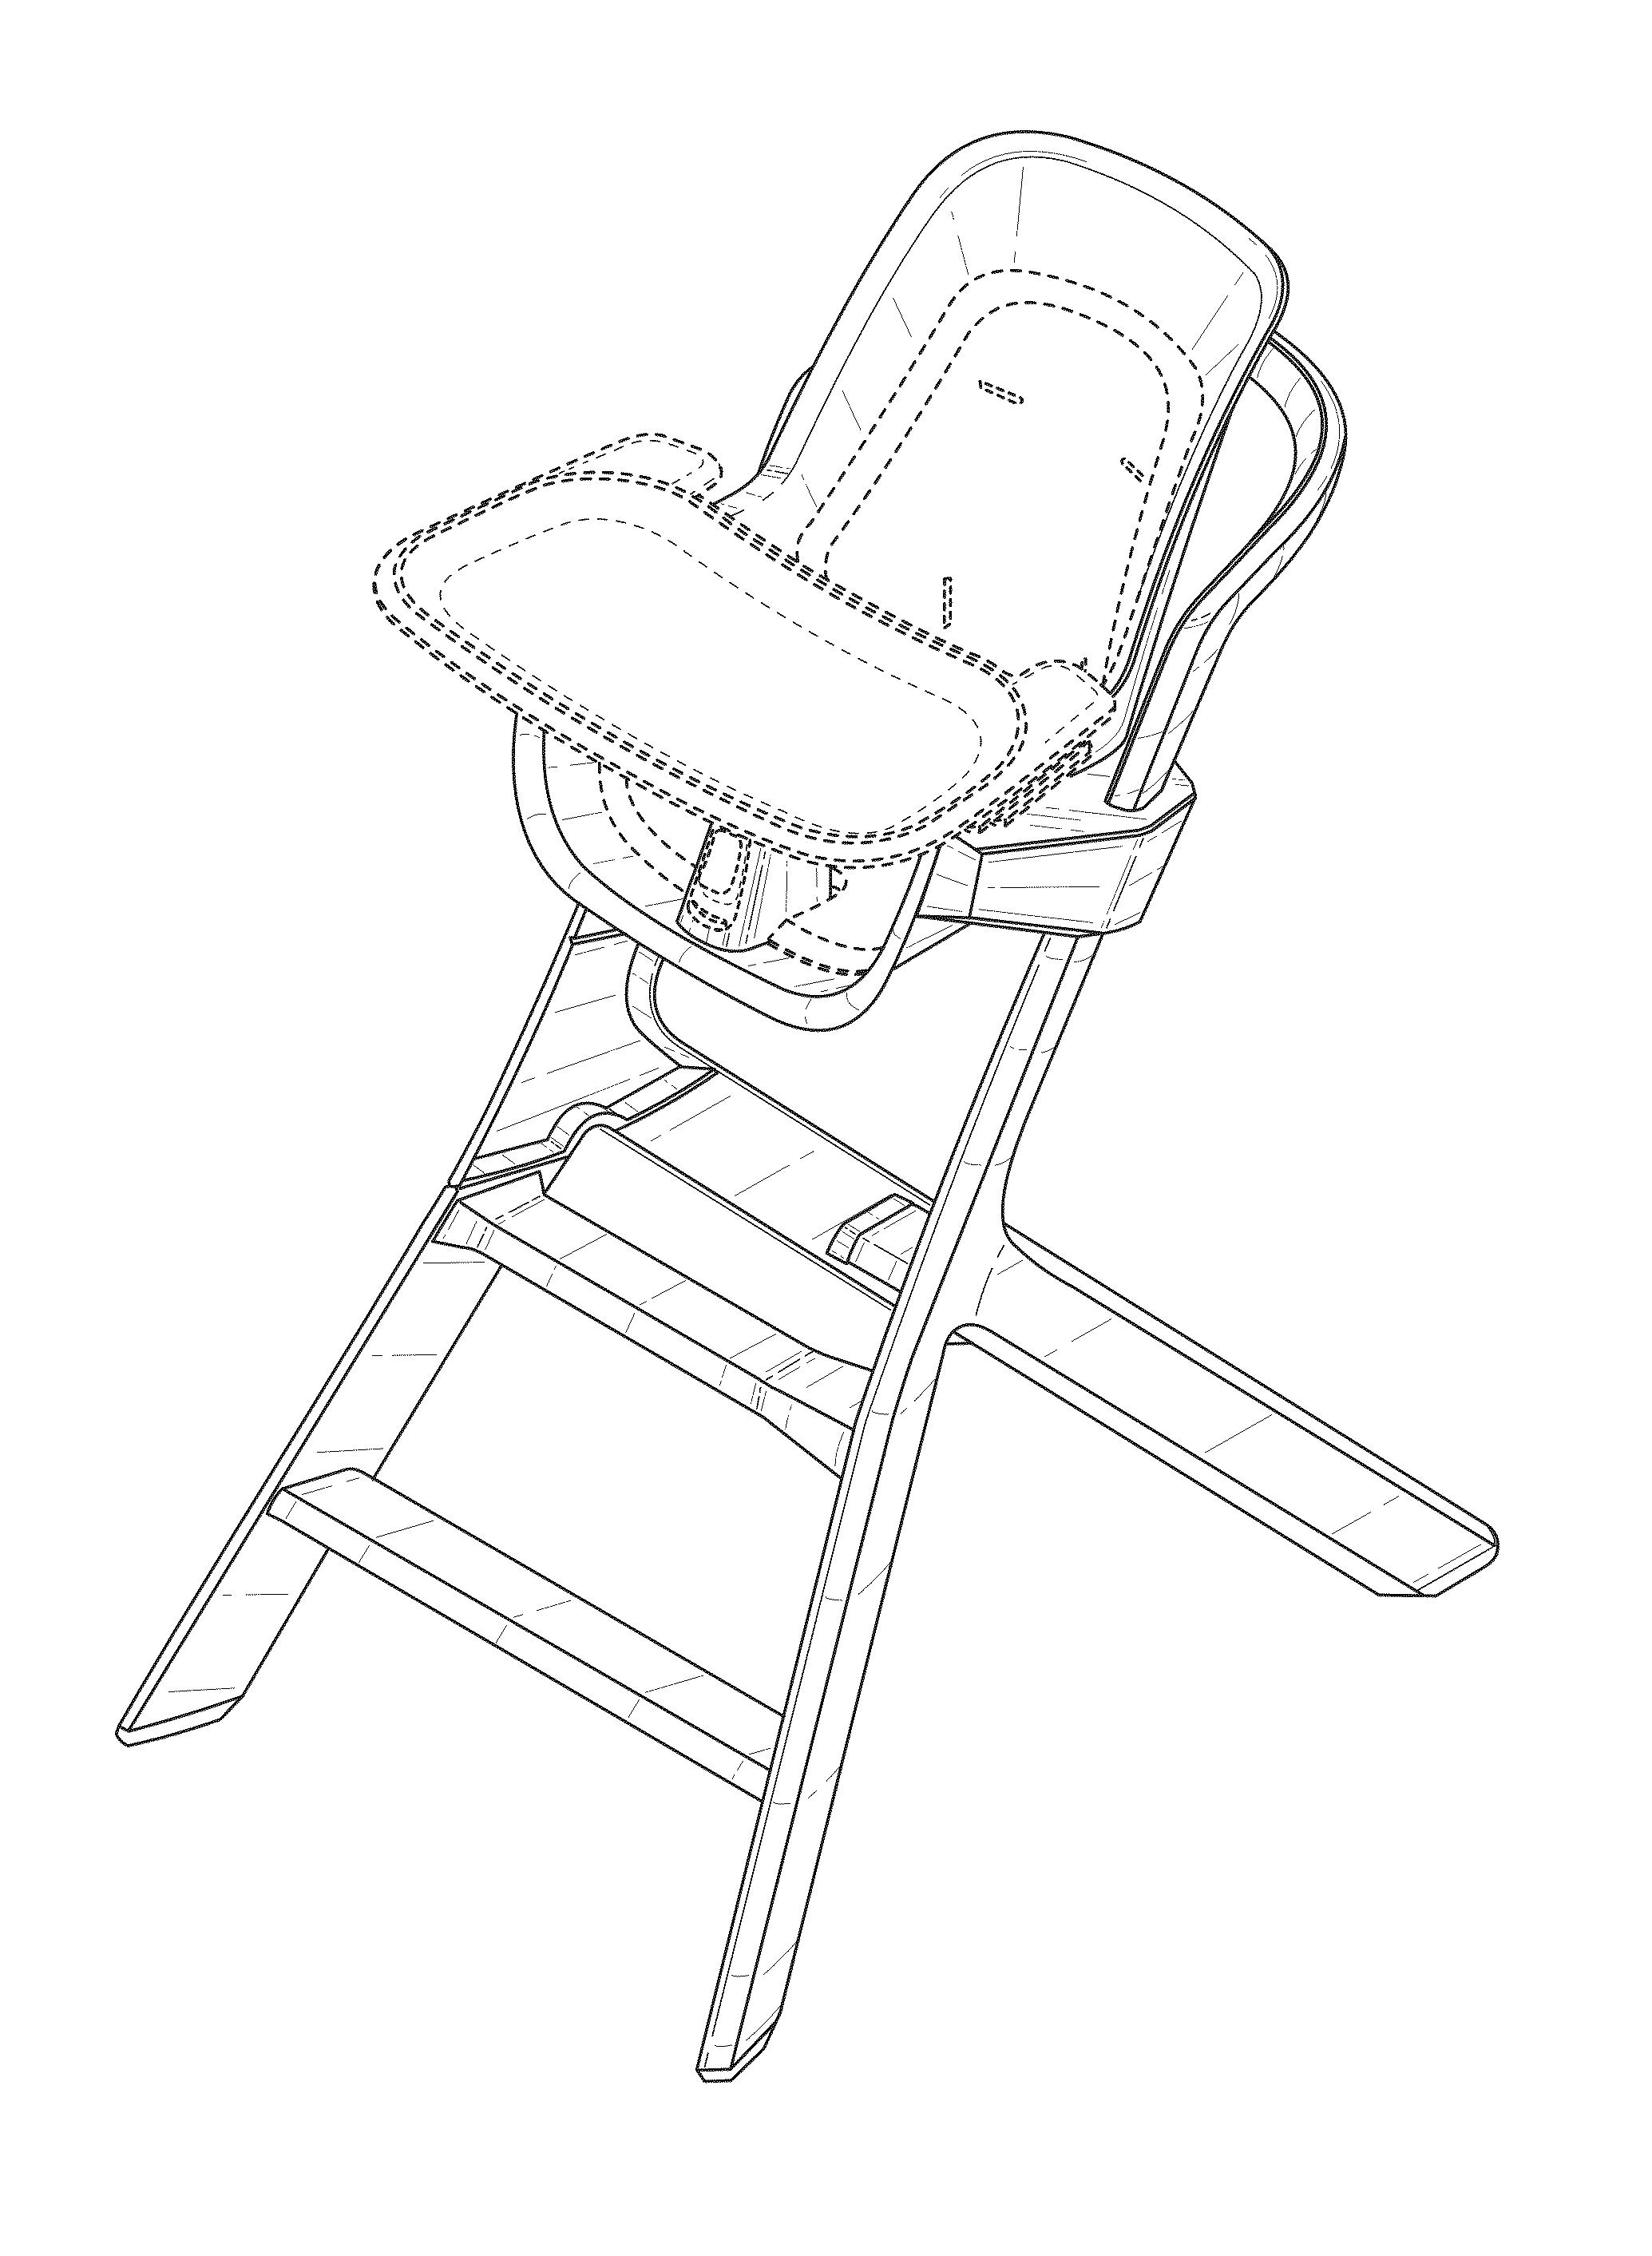 """US-D764819-S1 """"High Chair"""" Thorley Ind LLC"""